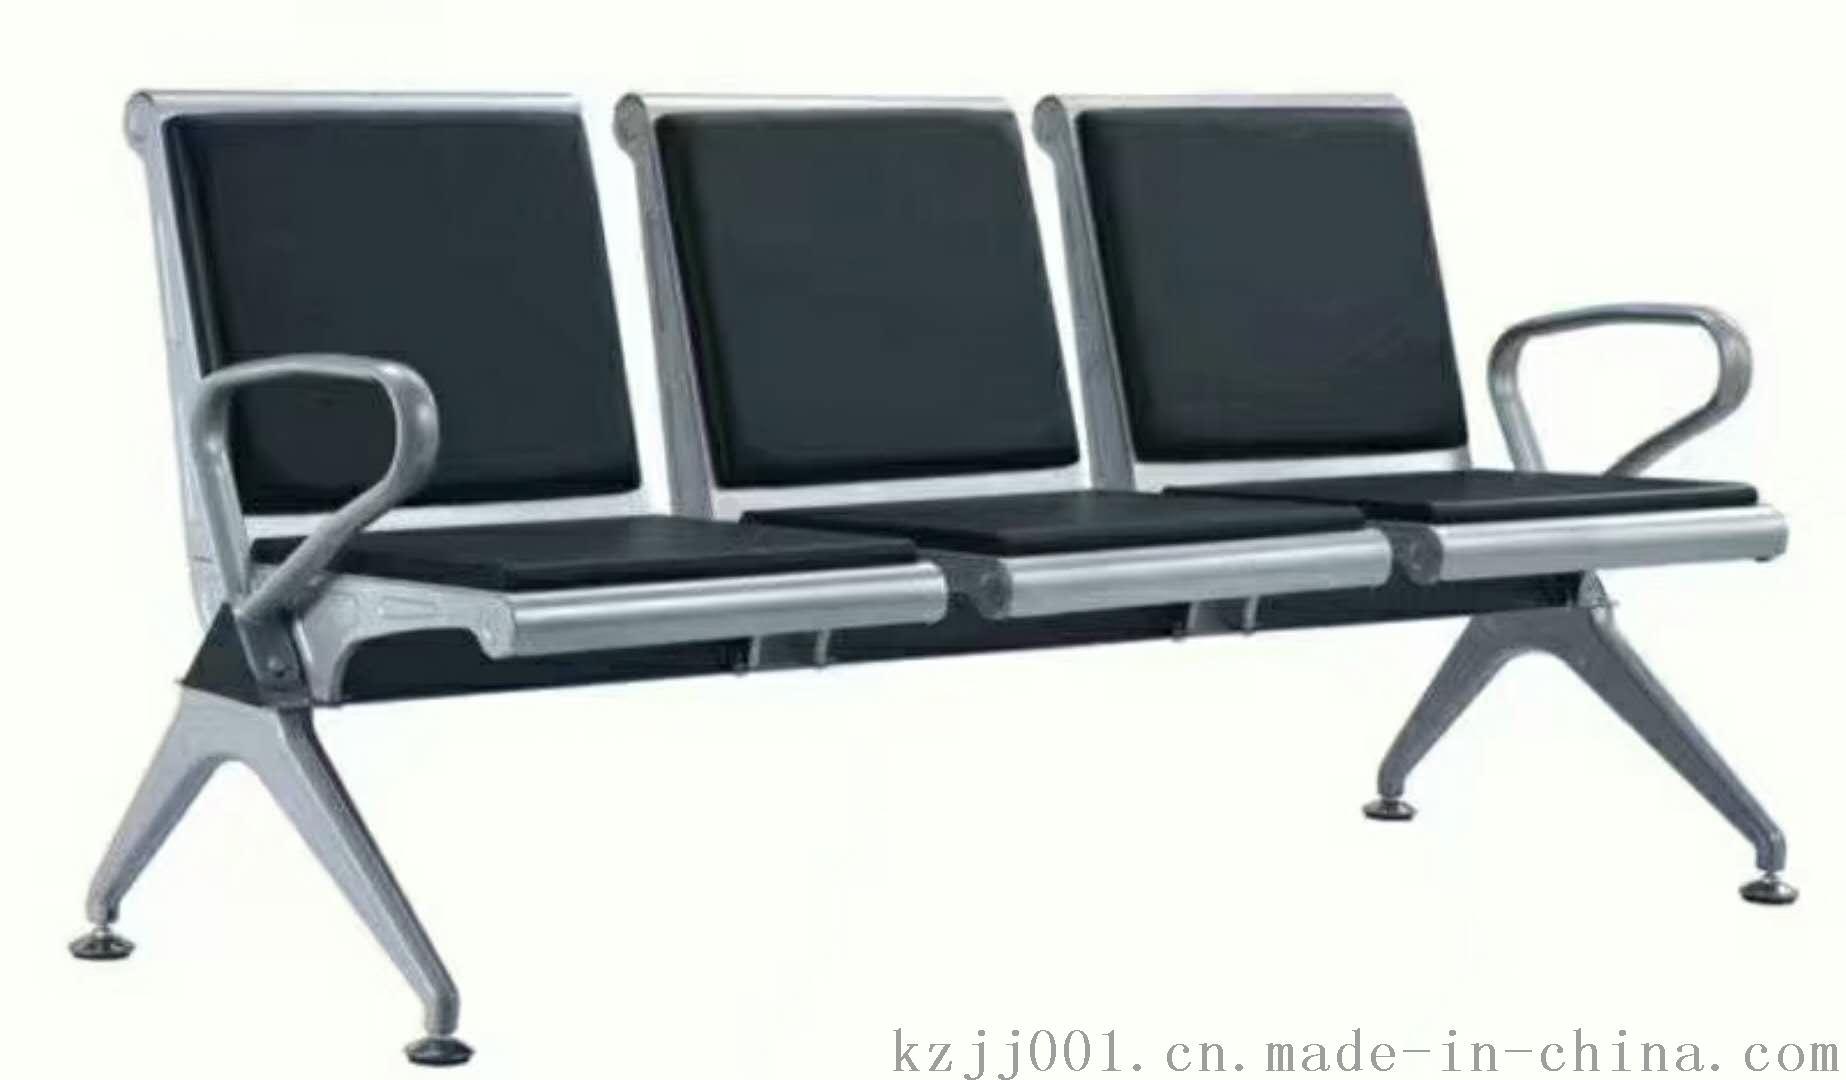 中国专业生产机场椅、机场等候椅、机场排椅生产厂家65457705